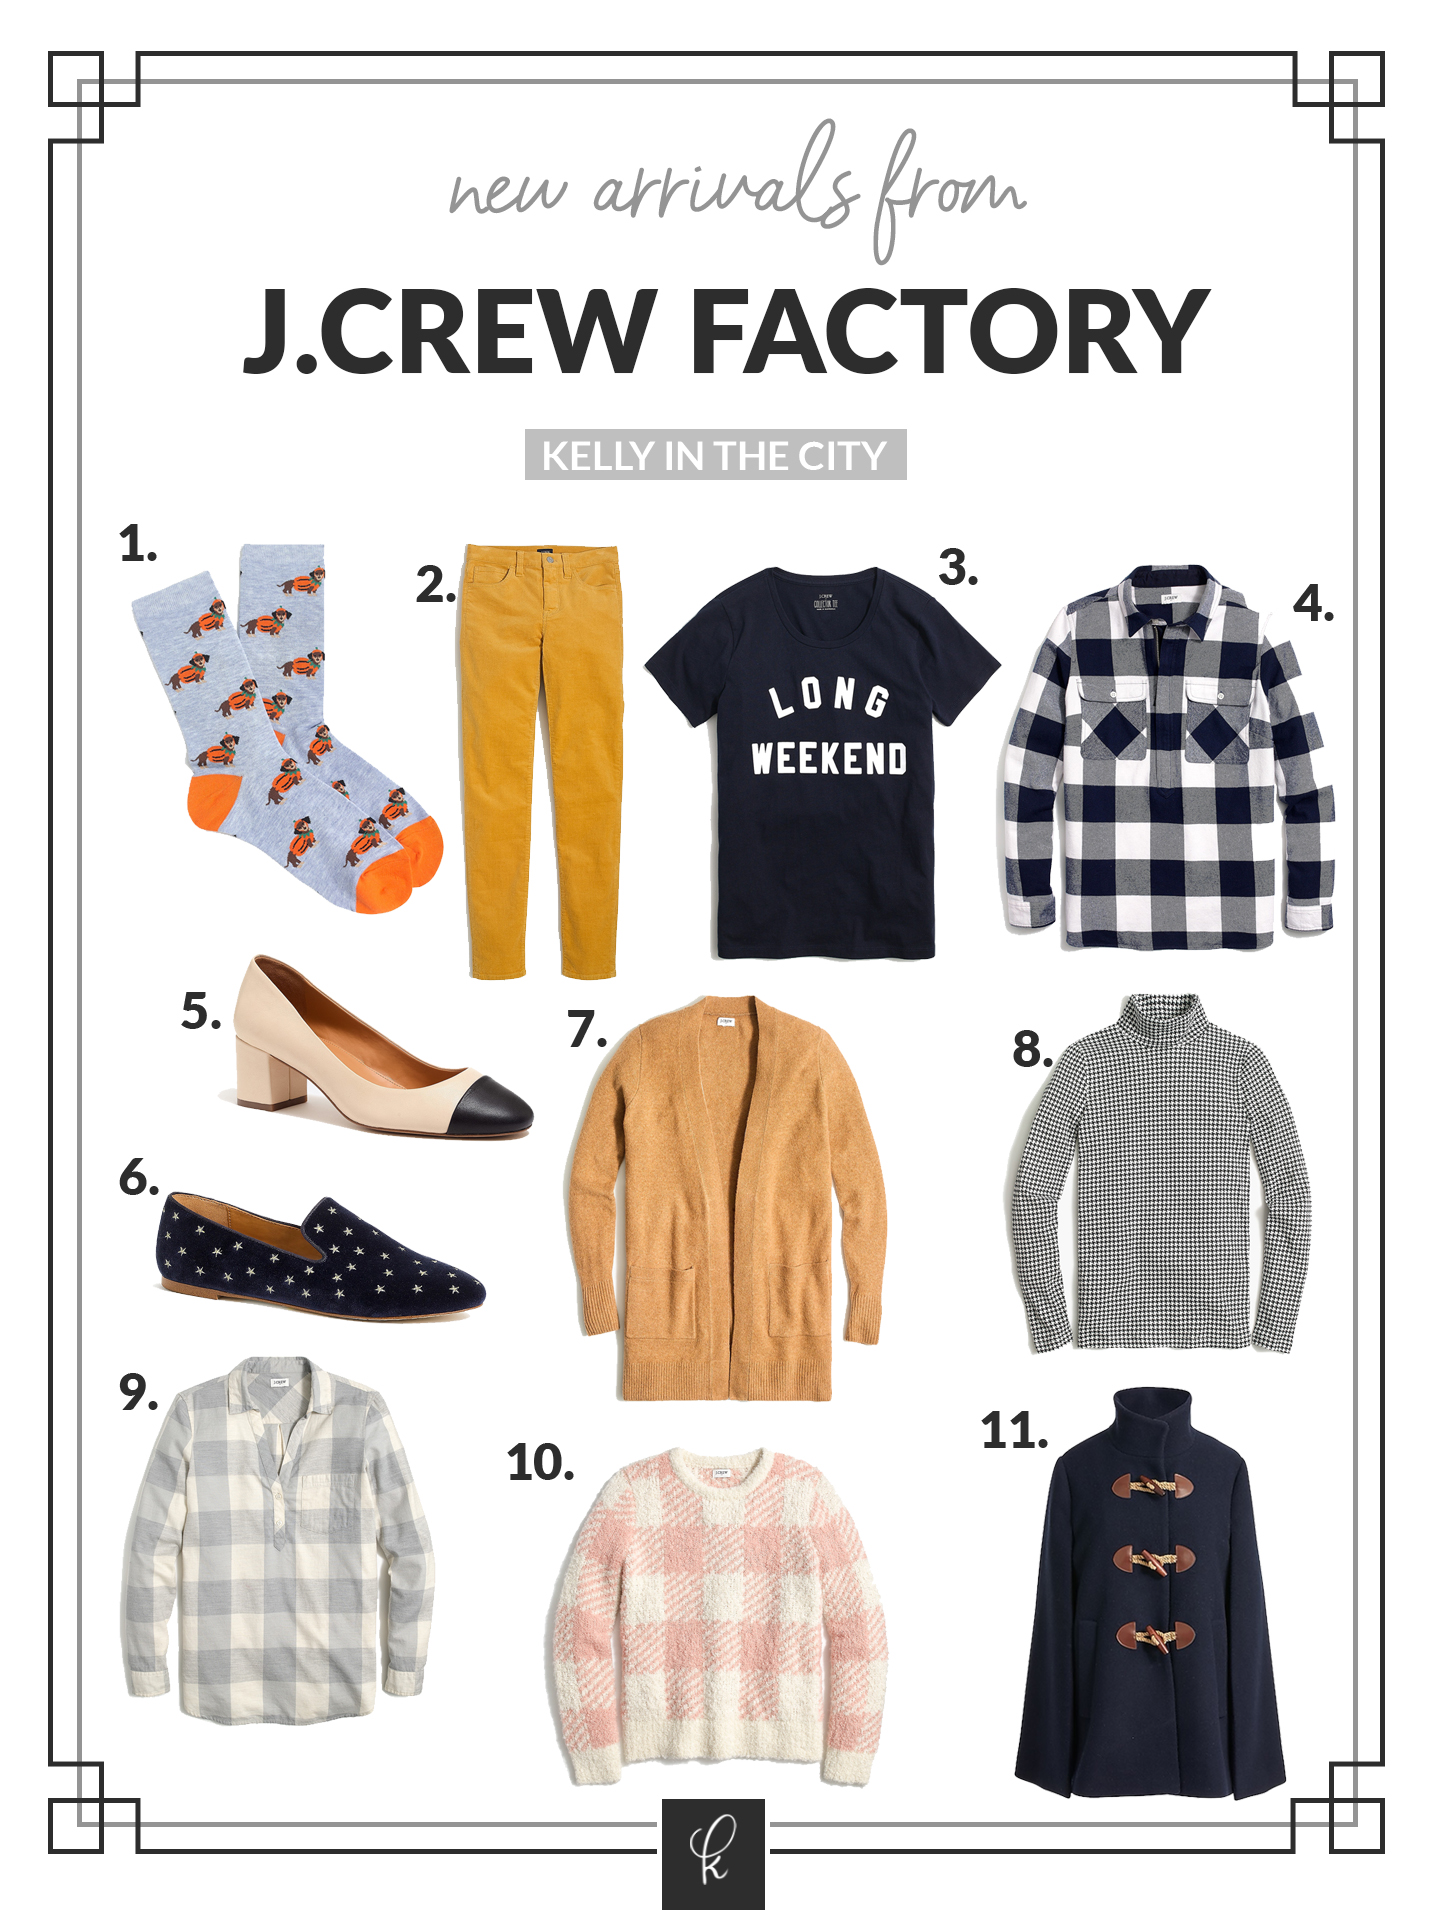 J.Crew Factory new arrivals